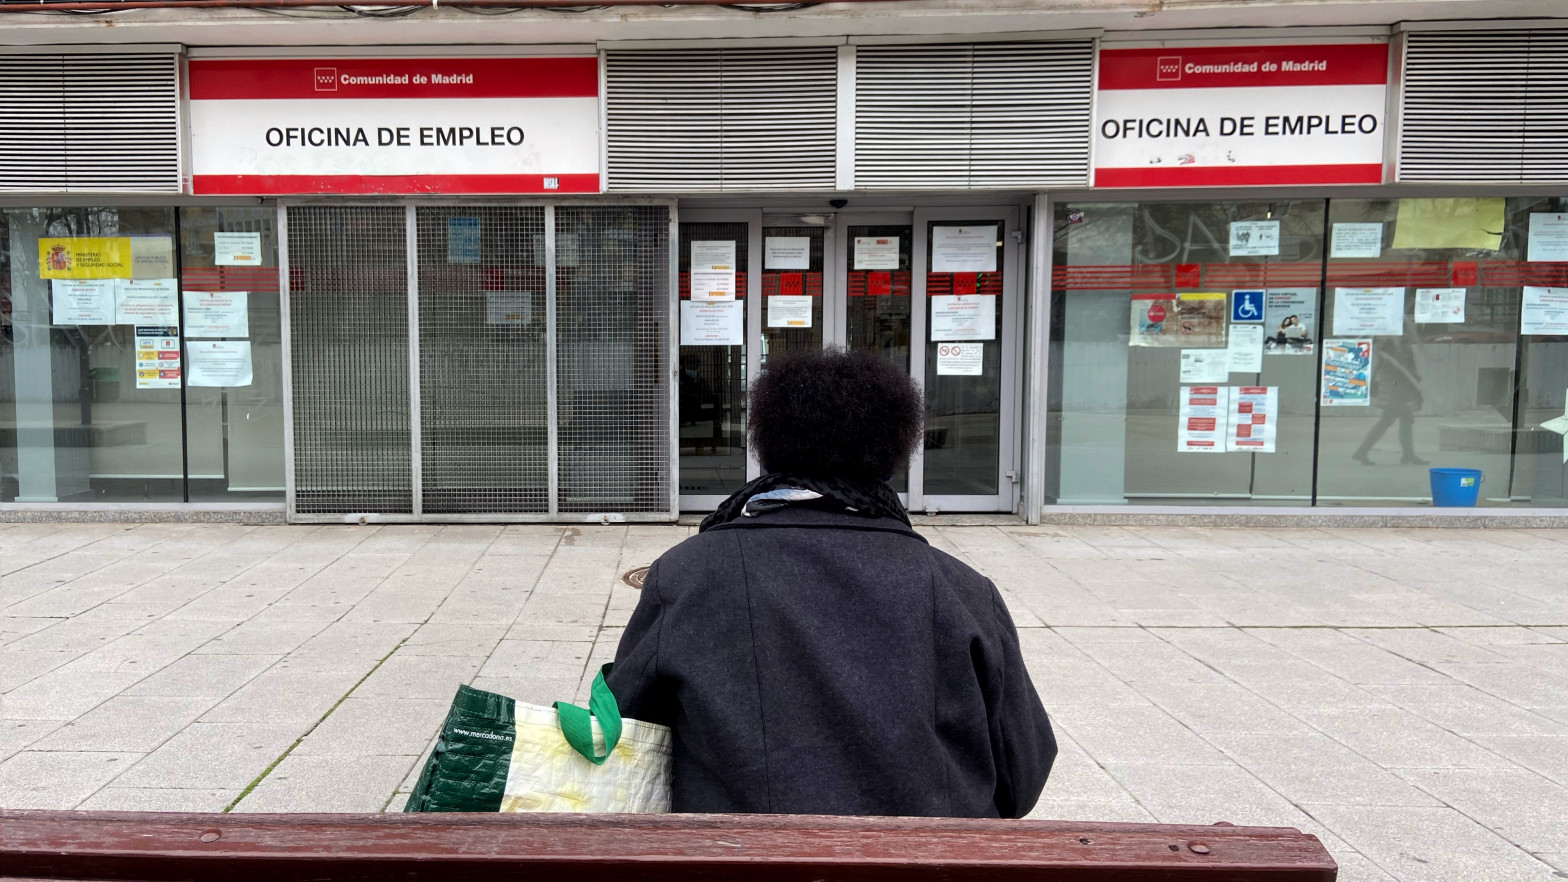 España registrará este año su mayor número de quiebras si se mantiene la tendencia del primer trimestre